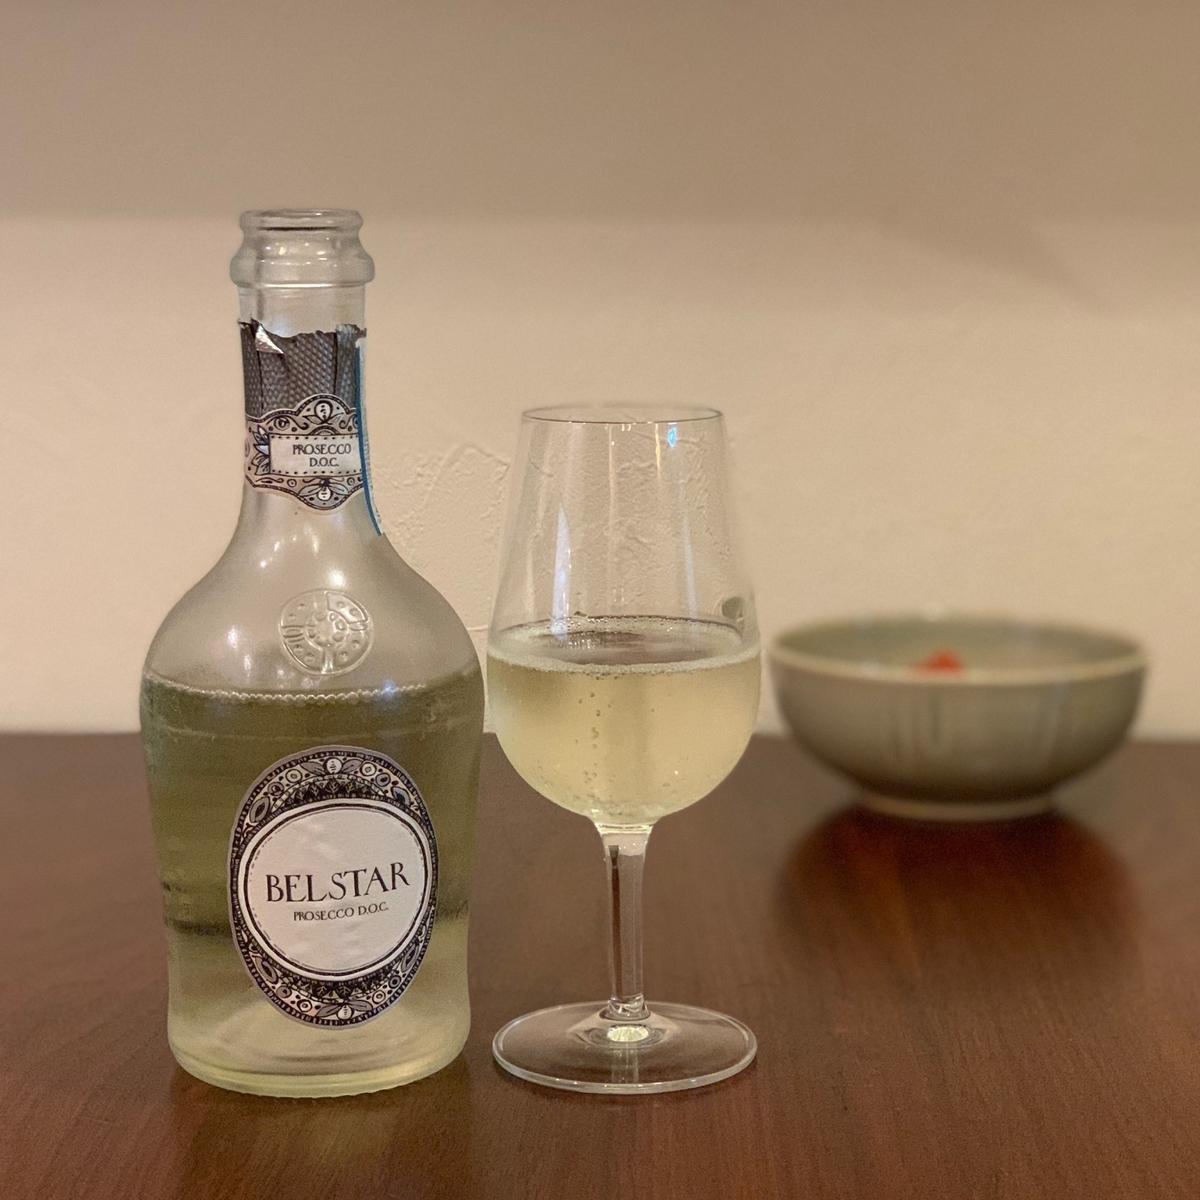 ベルスター プロセッコ イタリアのスパークリングワイン